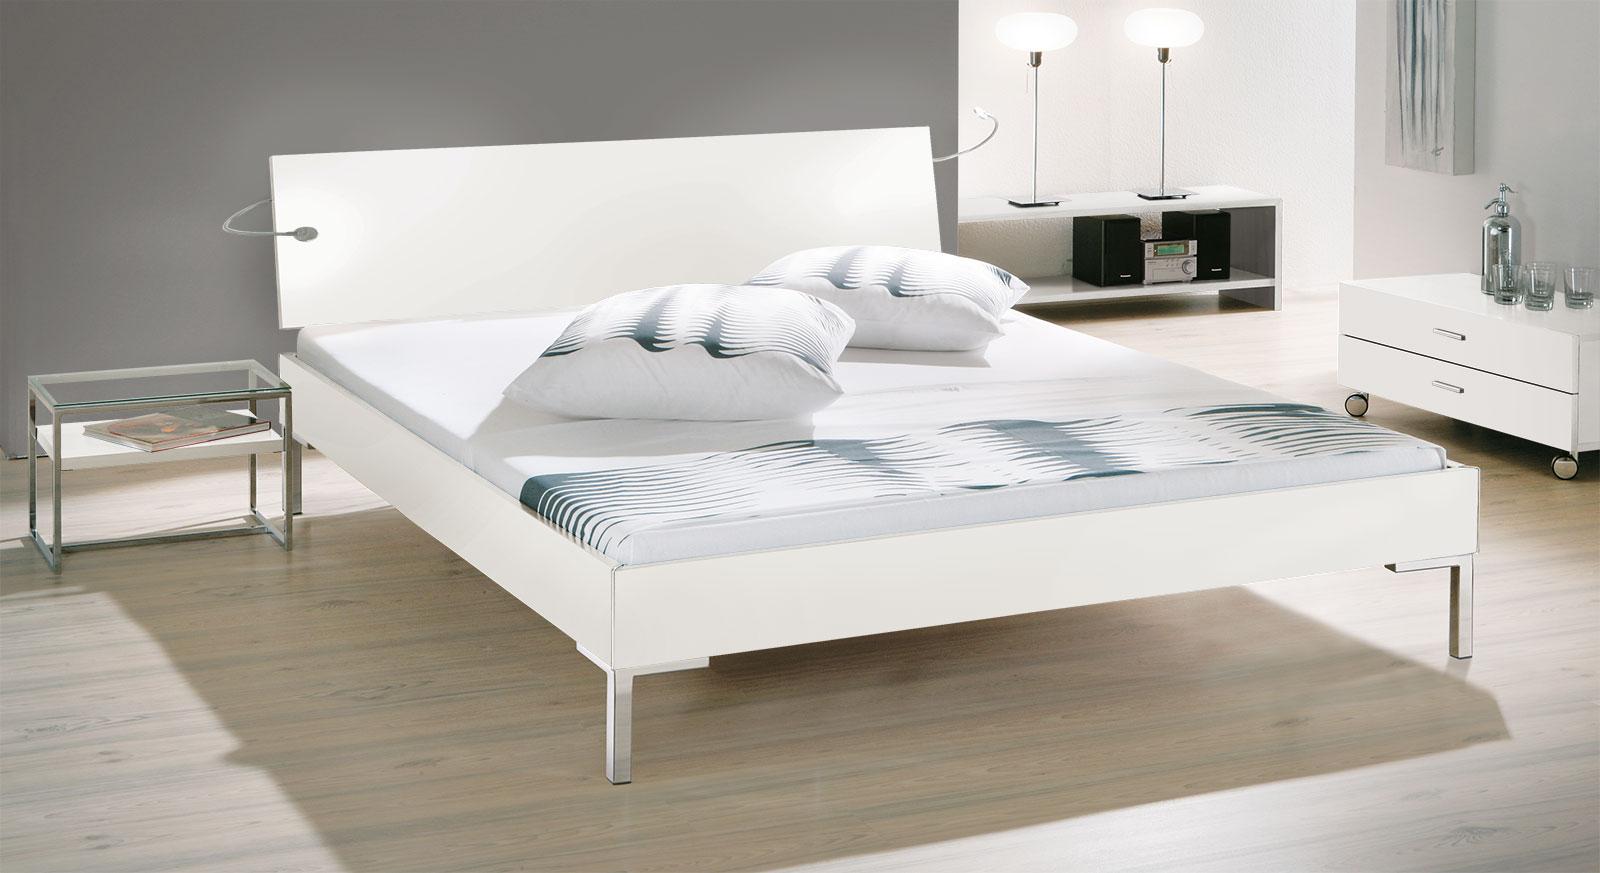 Designerbett Leon in weißem MDF-Dekor